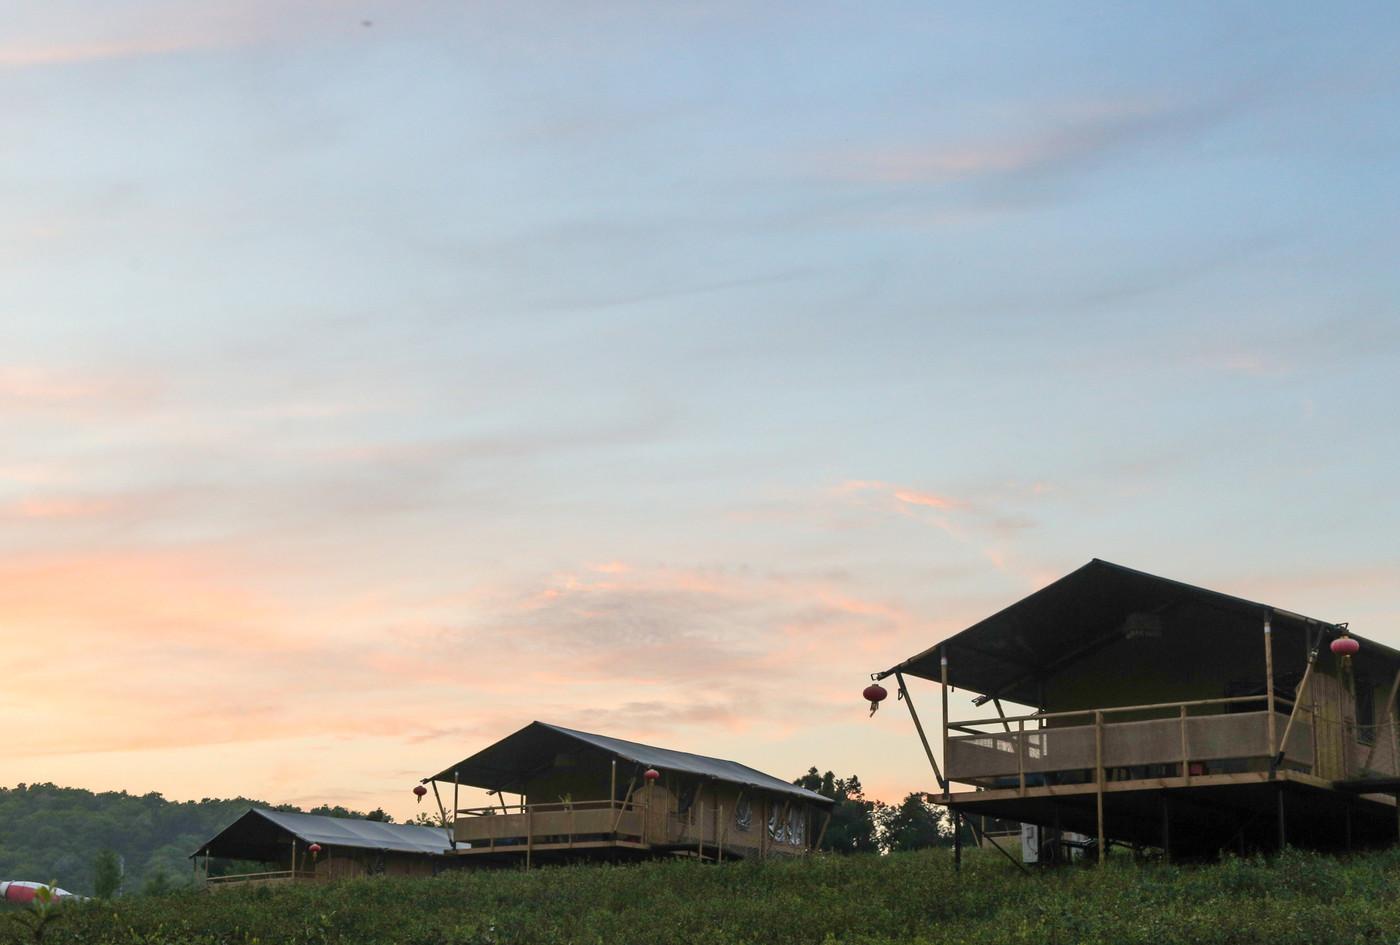 喜马拉雅野奢帐篷酒店—江苏常州茅山宝盛园2期茶田帐篷酒店10